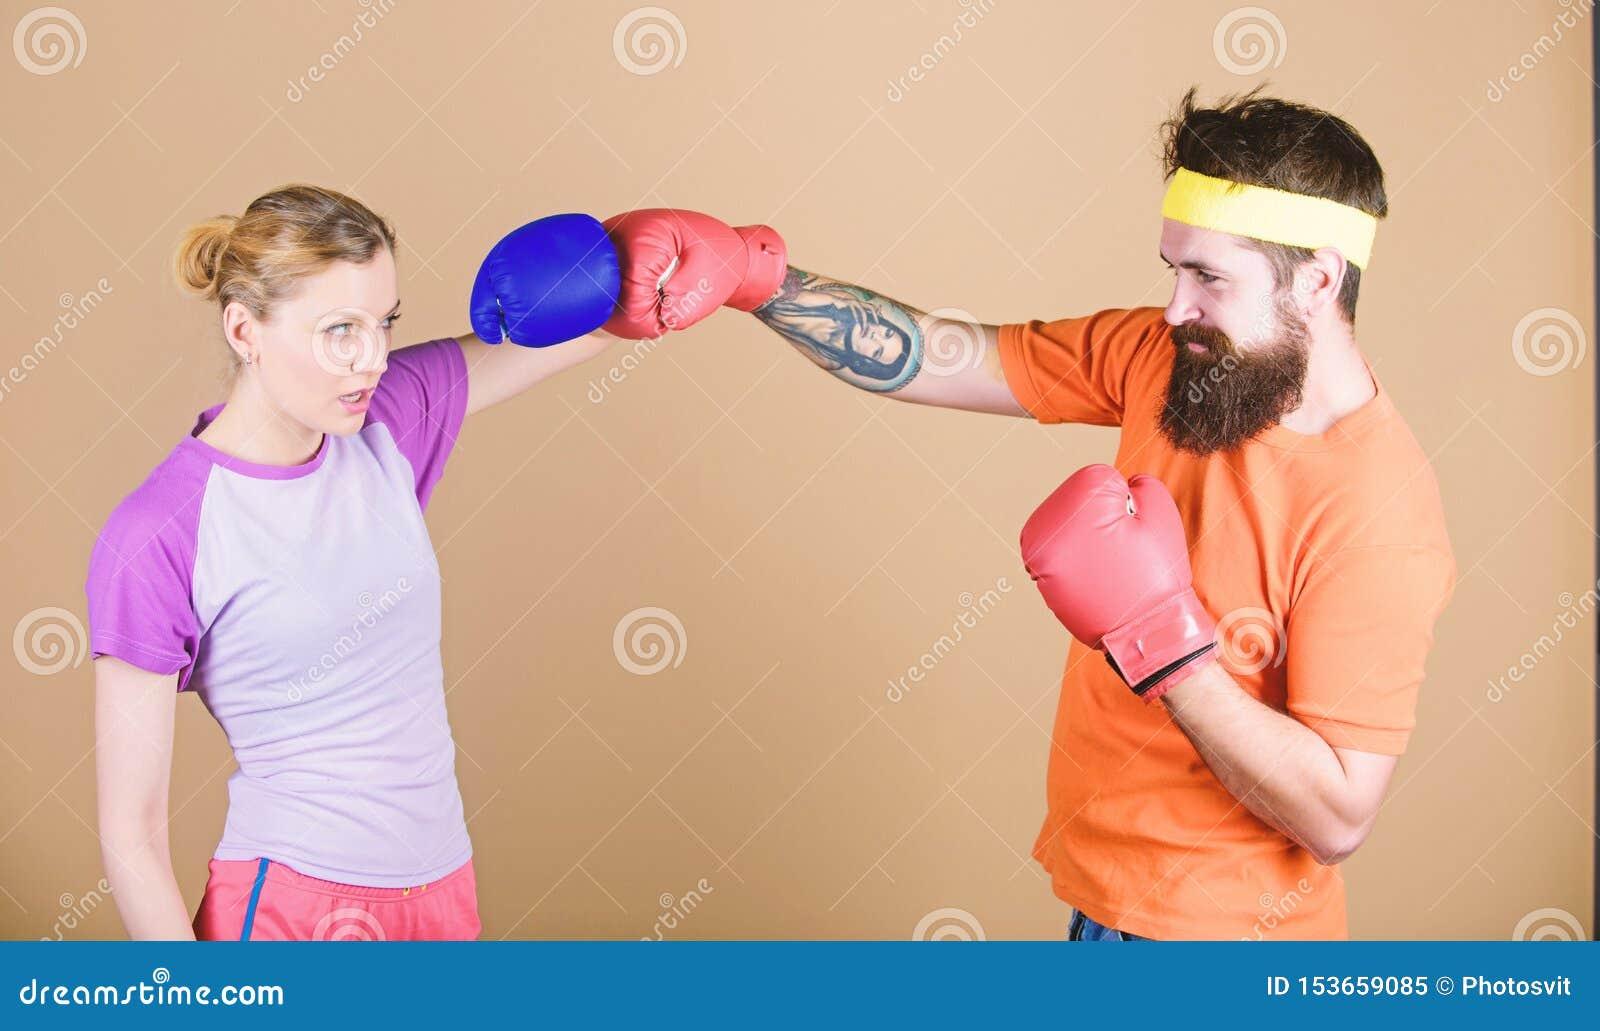 Woman ko vs man Video: 139